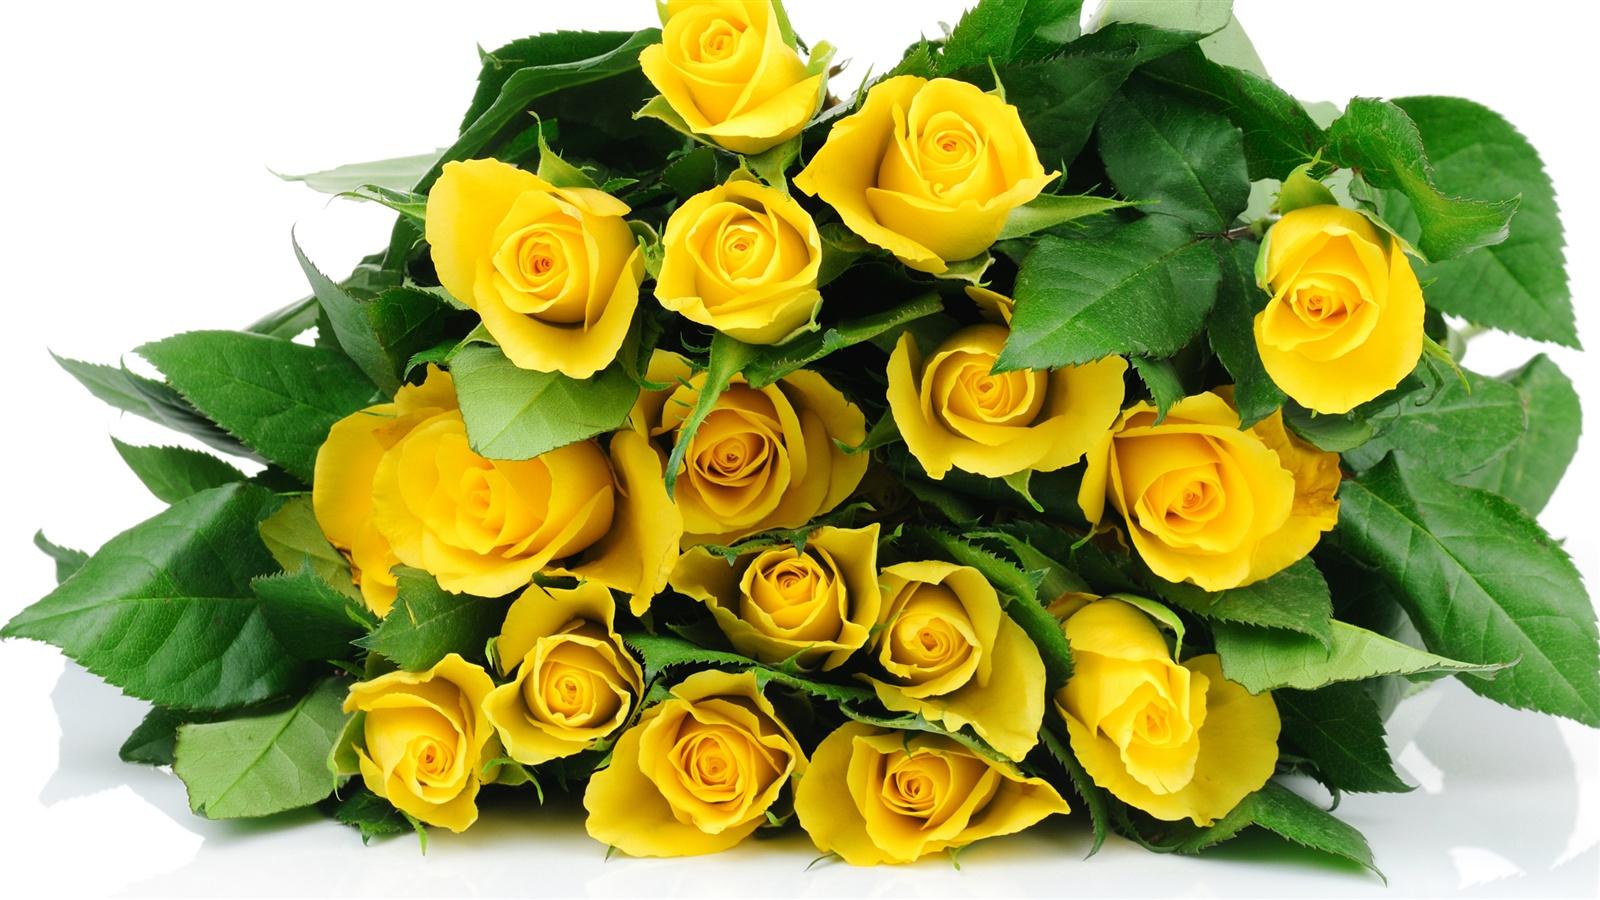 ein strau blumen gelbe rosen hintergrundbilder. Black Bedroom Furniture Sets. Home Design Ideas